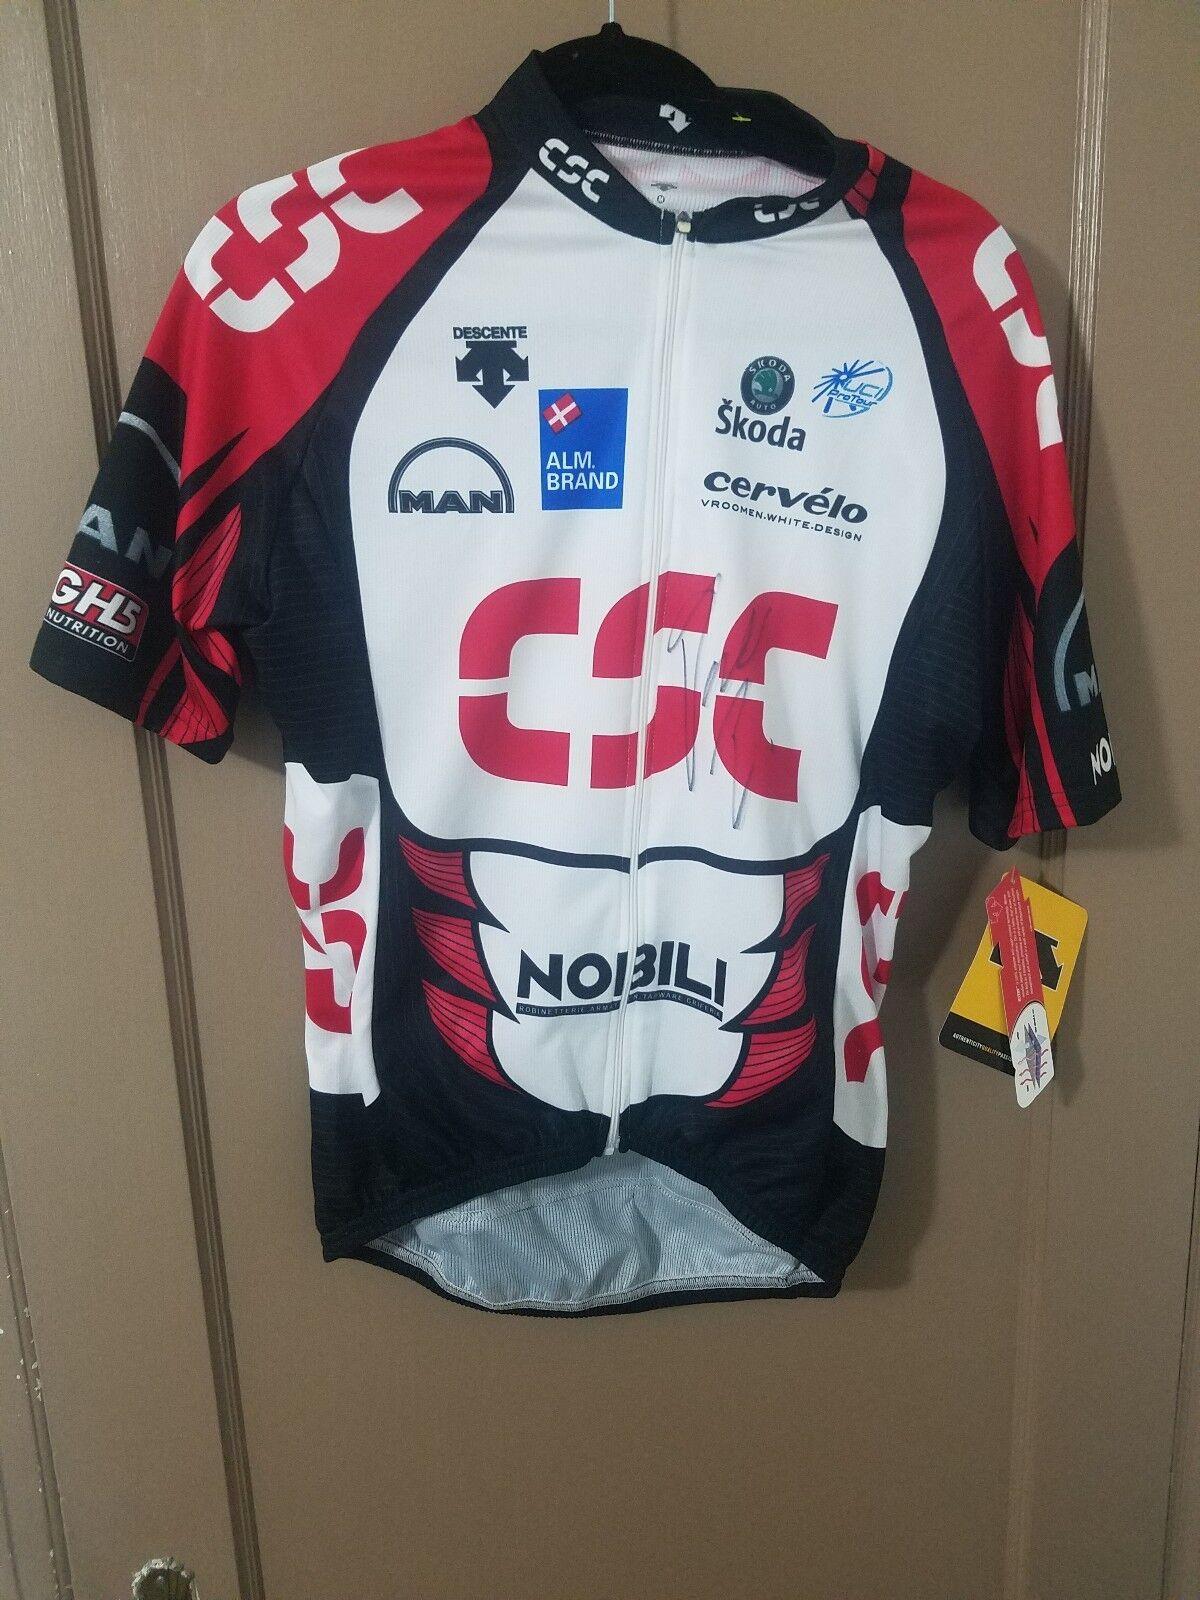 CSC descente Ciclismo Camiseta firmada por David Zabriskie M Para Hombre.